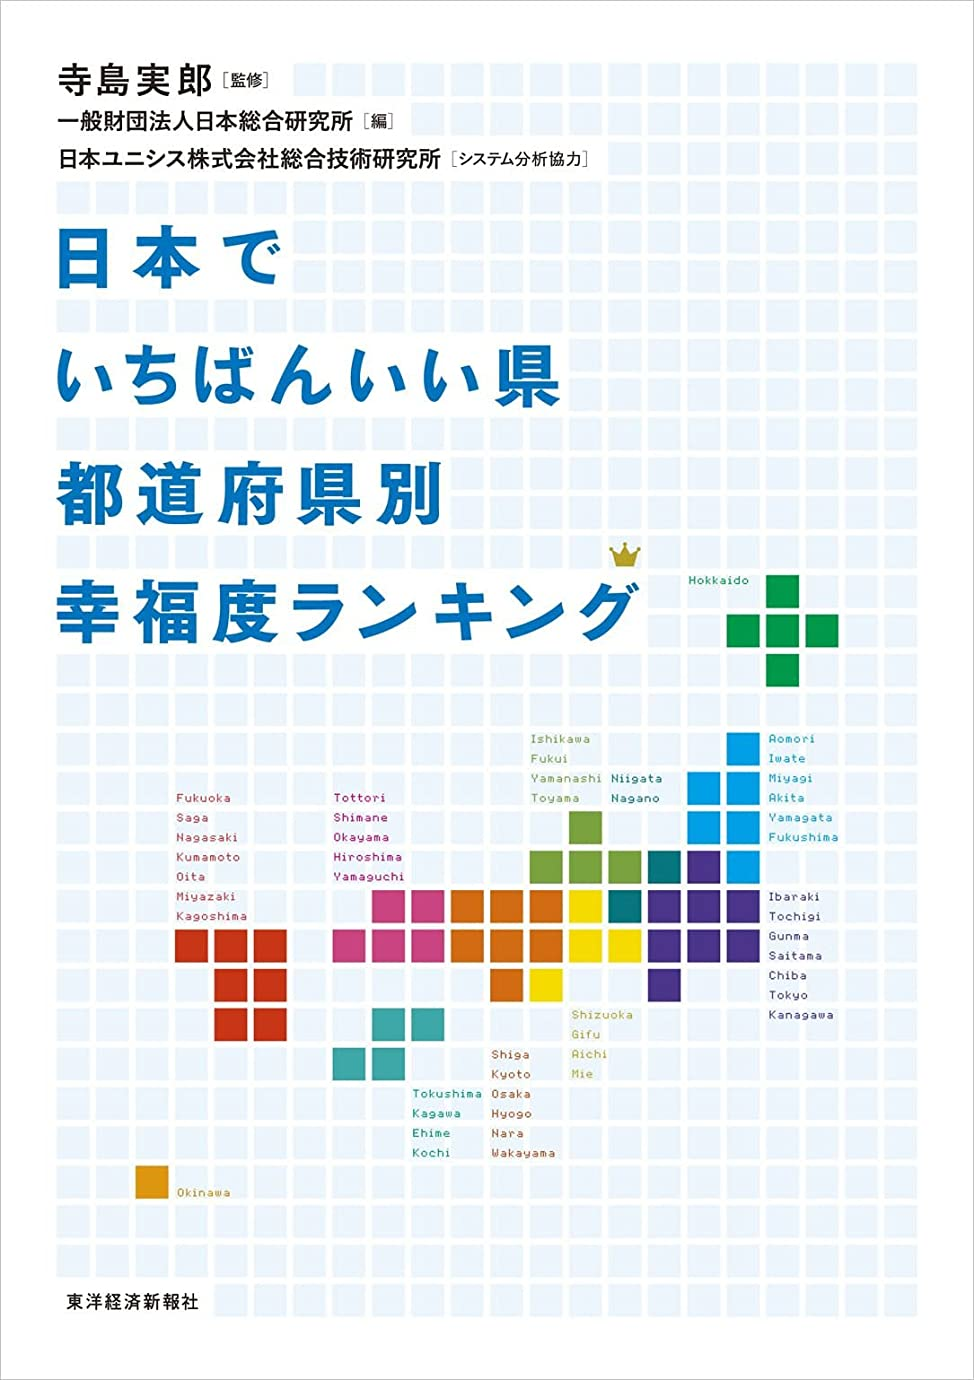 降伏ディーラー大臣日本でいちばんいい県 都道府県別幸福度ランキング